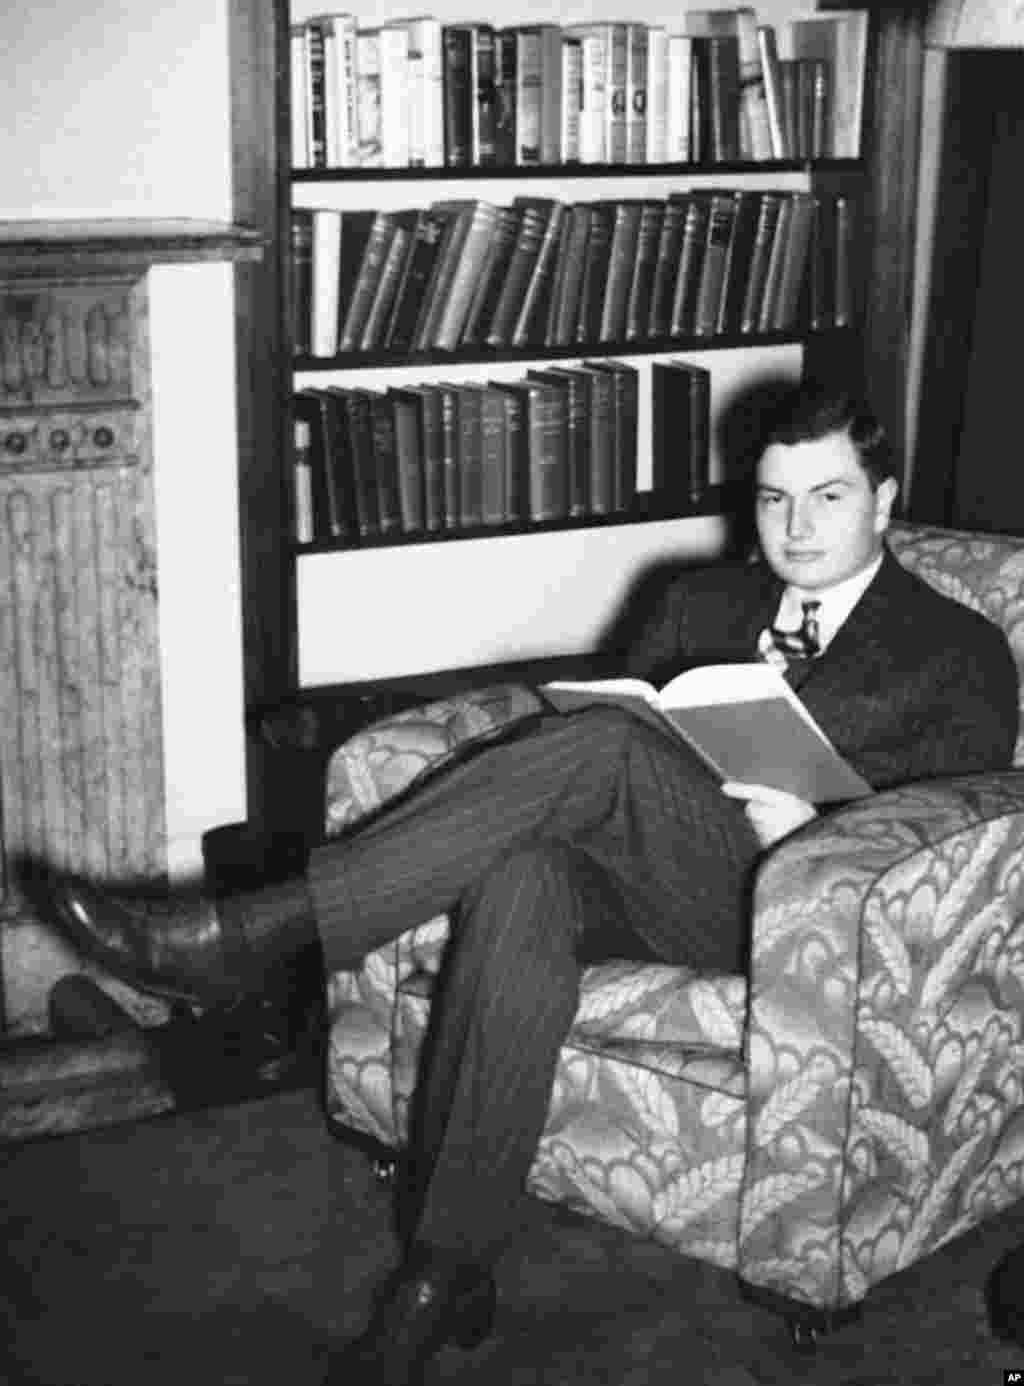 1937年11月22日,伦敦经济学院学生大卫·洛克菲勒在在寓所里学习,这位富豪子孙的居住条件欠佳。后来,洛克菲勒曾任大通曼哈顿公司(the Chase Manhattan Corporation)的董事长和首席执行官,他是19世纪标准石油(Standard Oil , 在中国曾经叫美孚石油公司 )帝国的创始人、传奇人物约翰·洛克菲勒的活到最后的一个孙子。